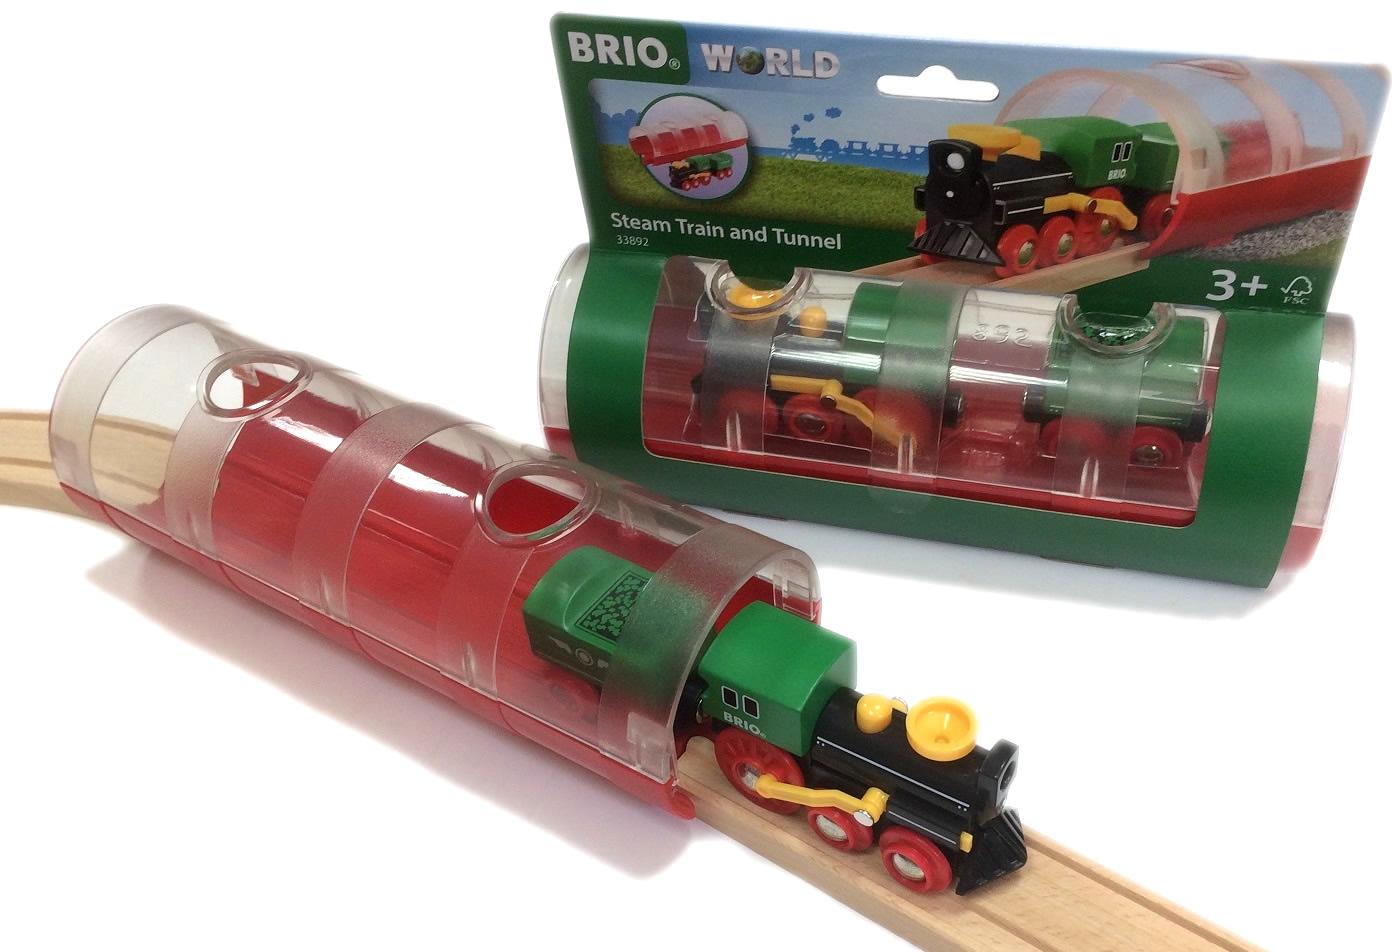 Tunel z pociągiem klasycznym - Brio